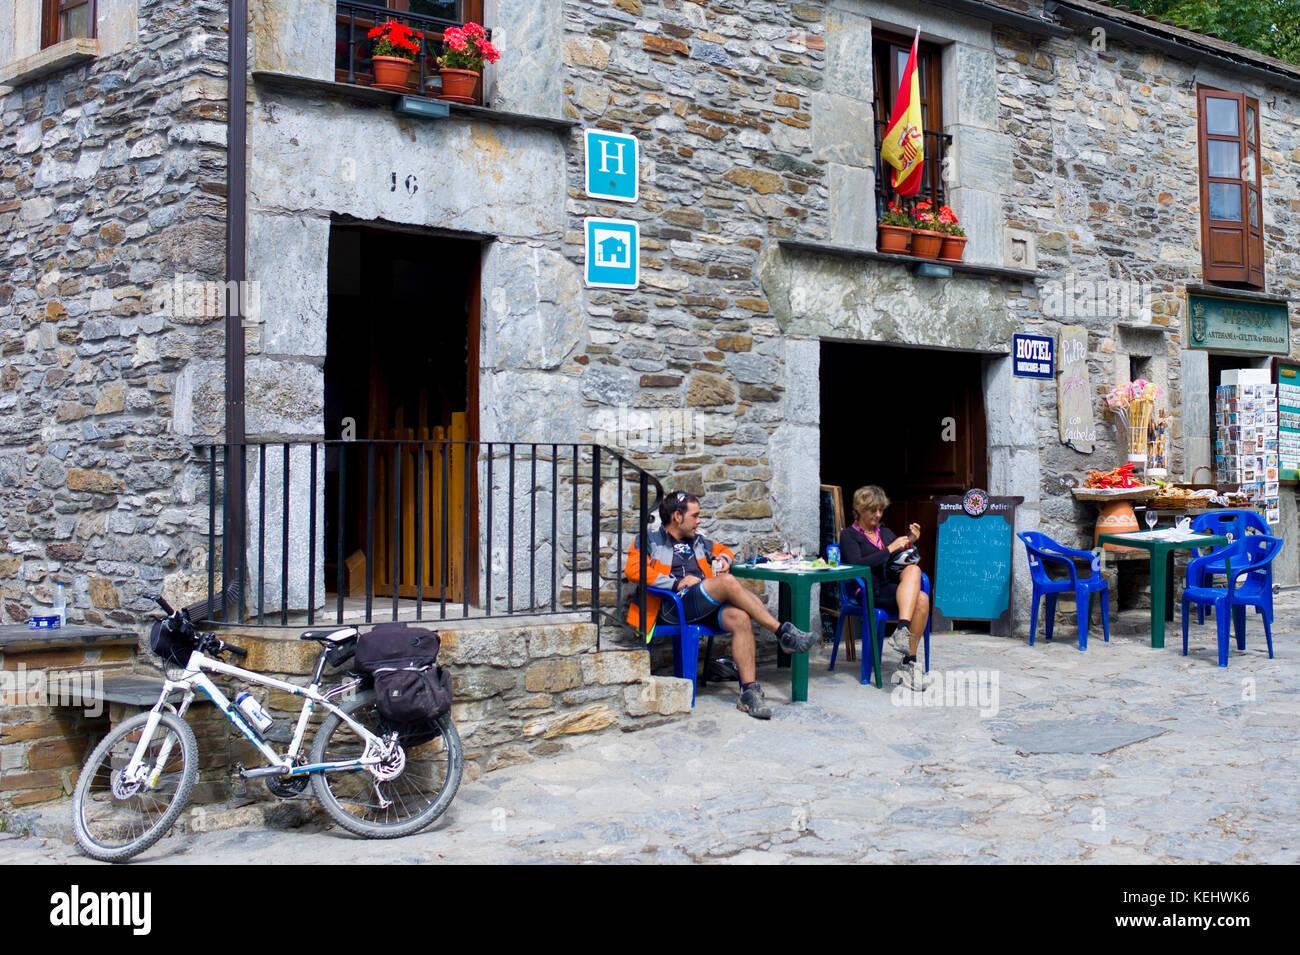 Pilgrims at hotel on the Camiino de Santiago pilgrim route at Triacastela in Galicia, Spain - Stock Image